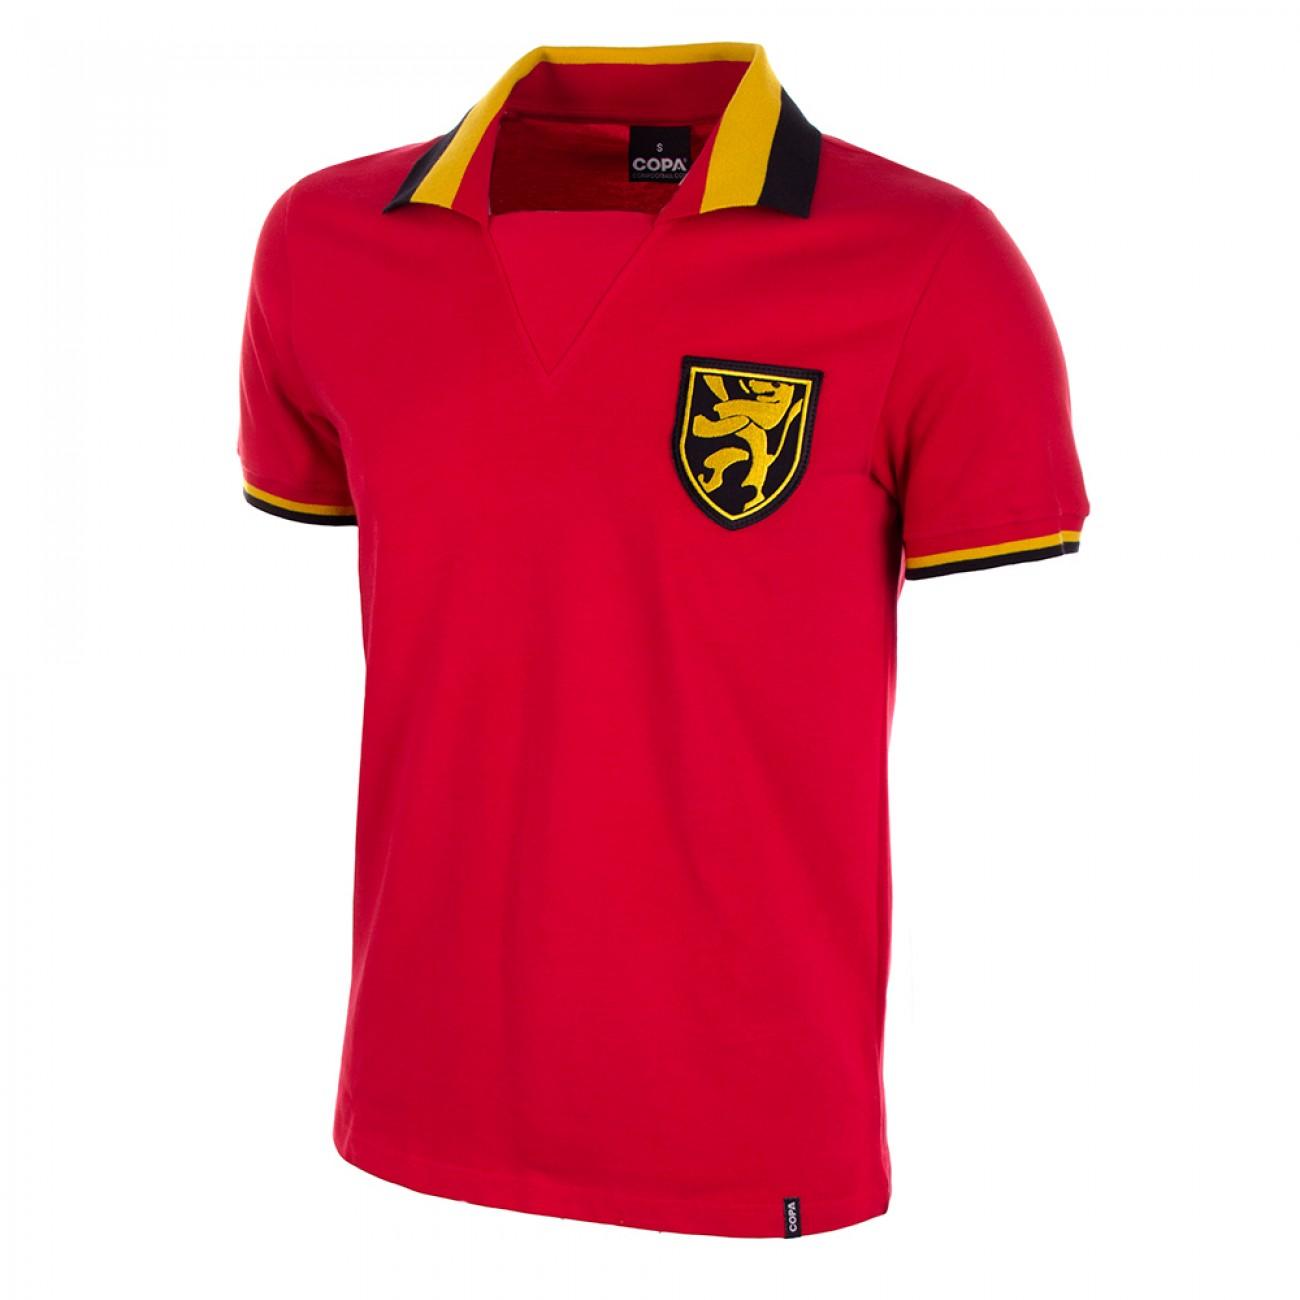 http://www.retrofootball.es/ropa-de-futbol/camiseta-belgica-a-os-60.html